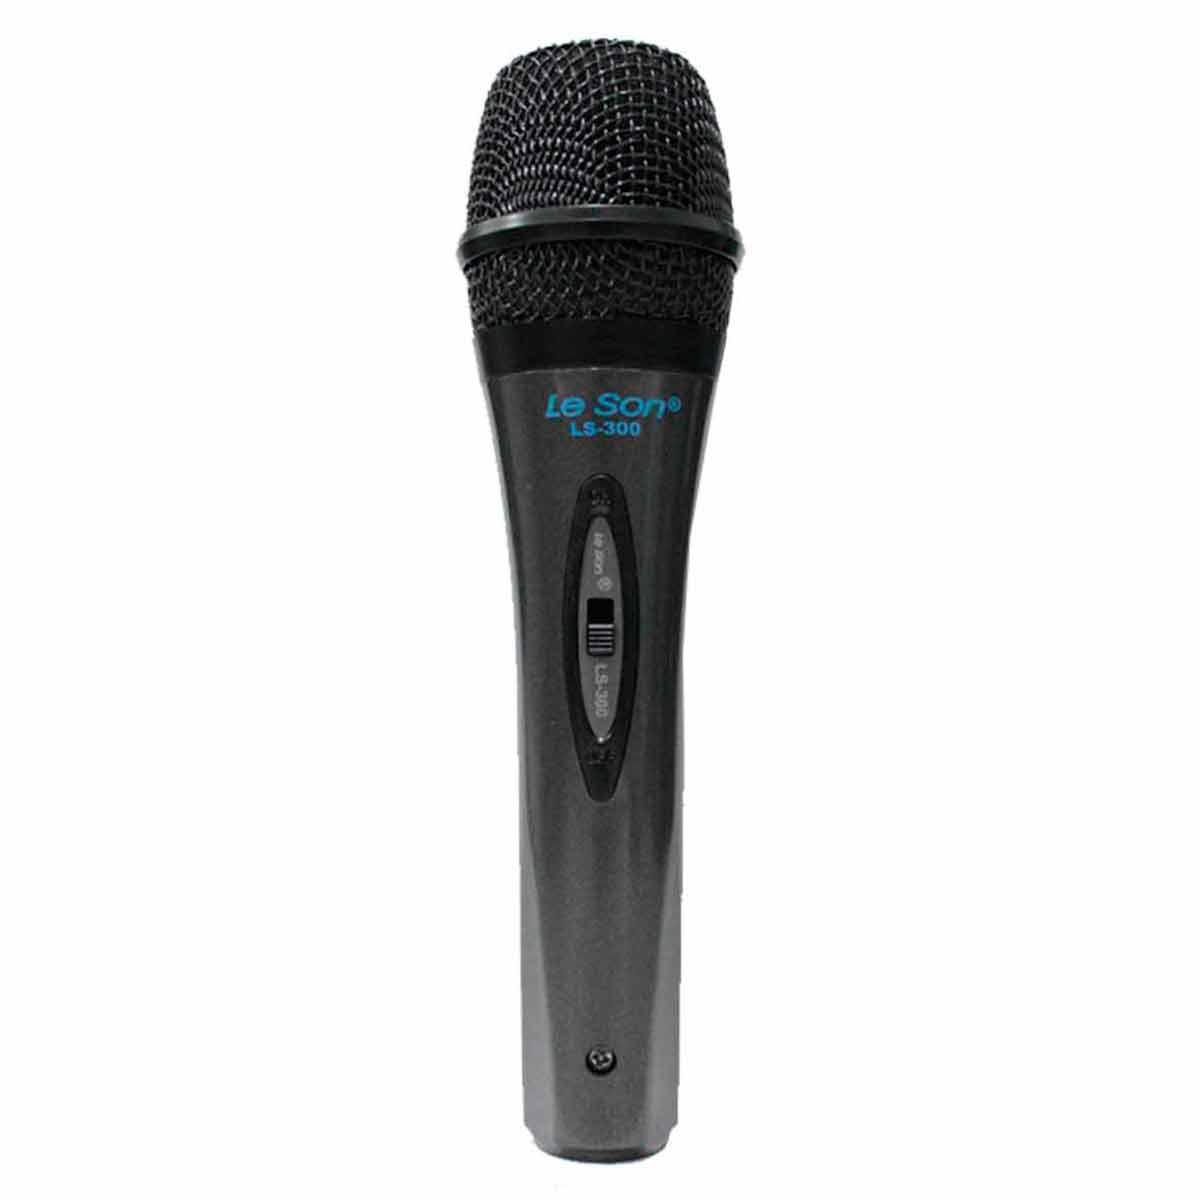 LS300 - Microfone c/ Fio de Mão LS 300 - Le Son